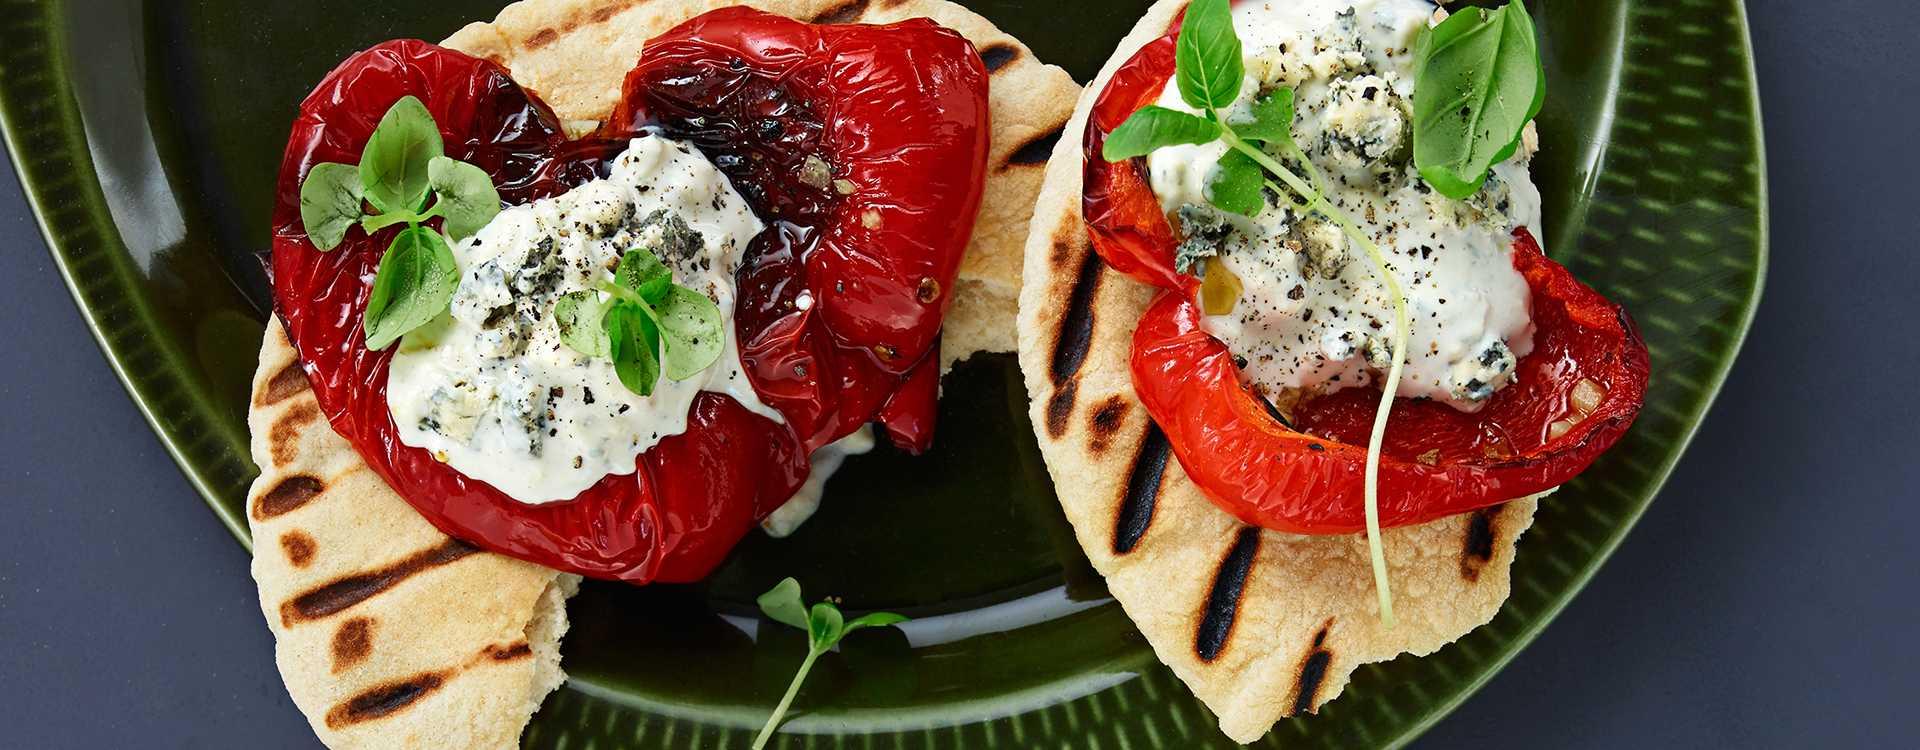 Helgrillet paprika med blåmuggdipp i wrap eller pita